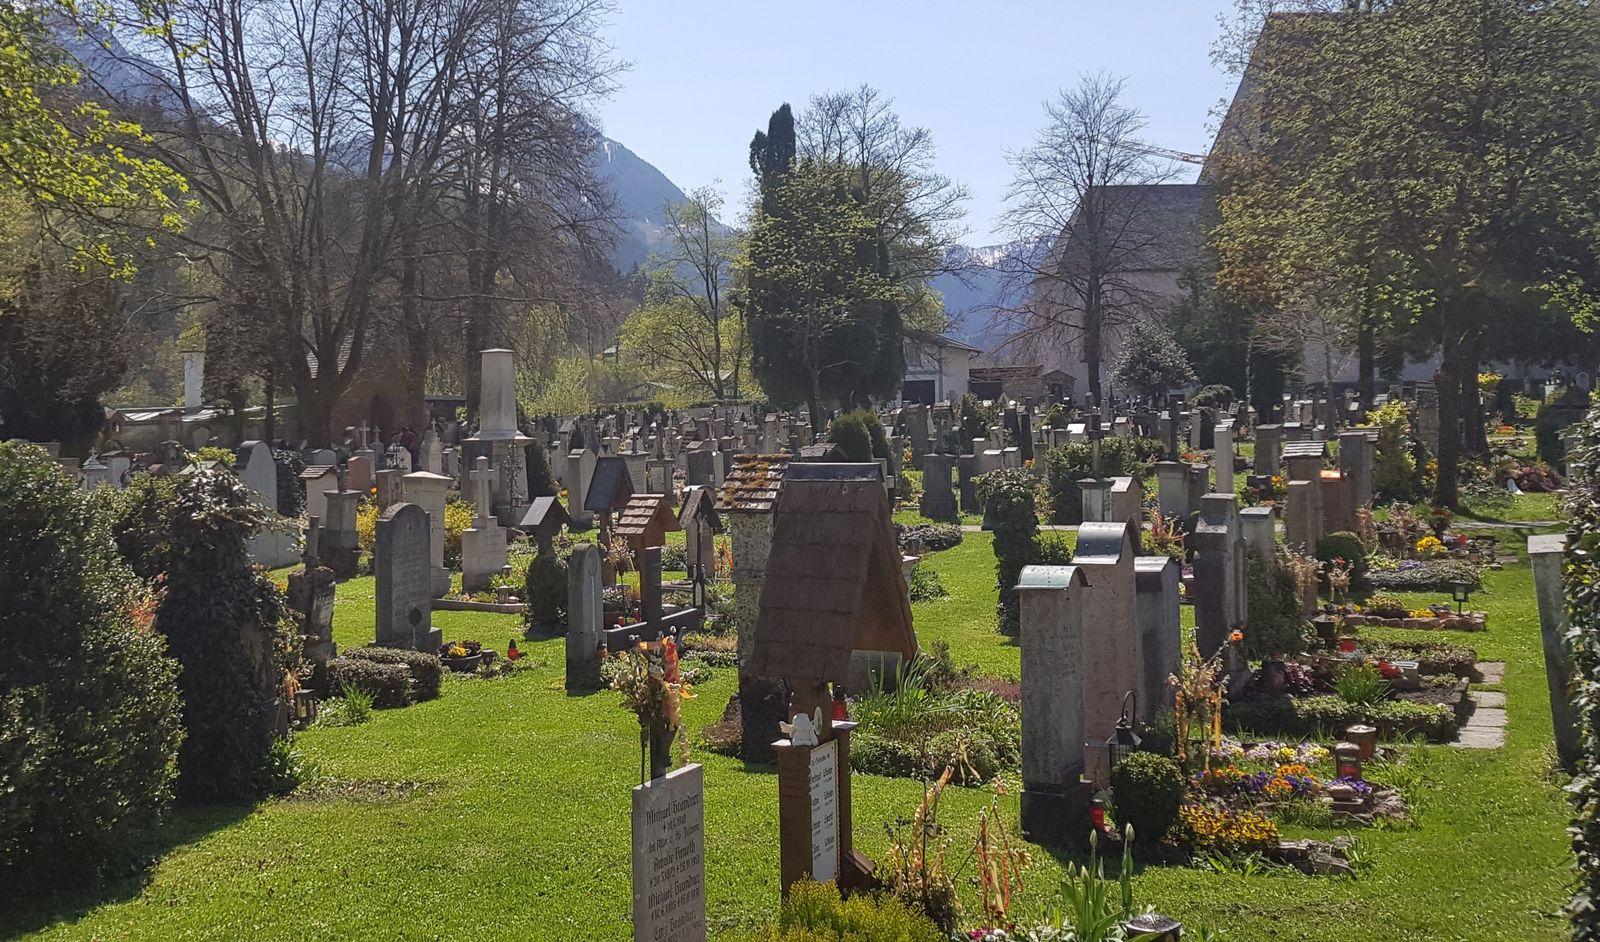 Alter Friedhof Berchtesgaden/